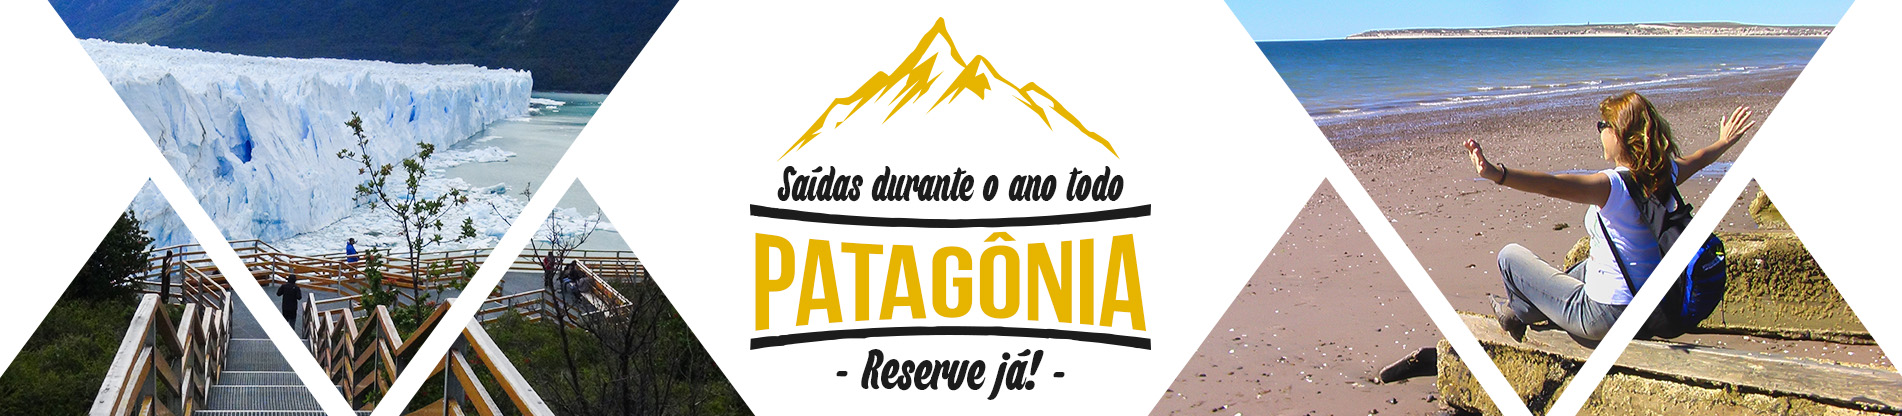 Patagônia